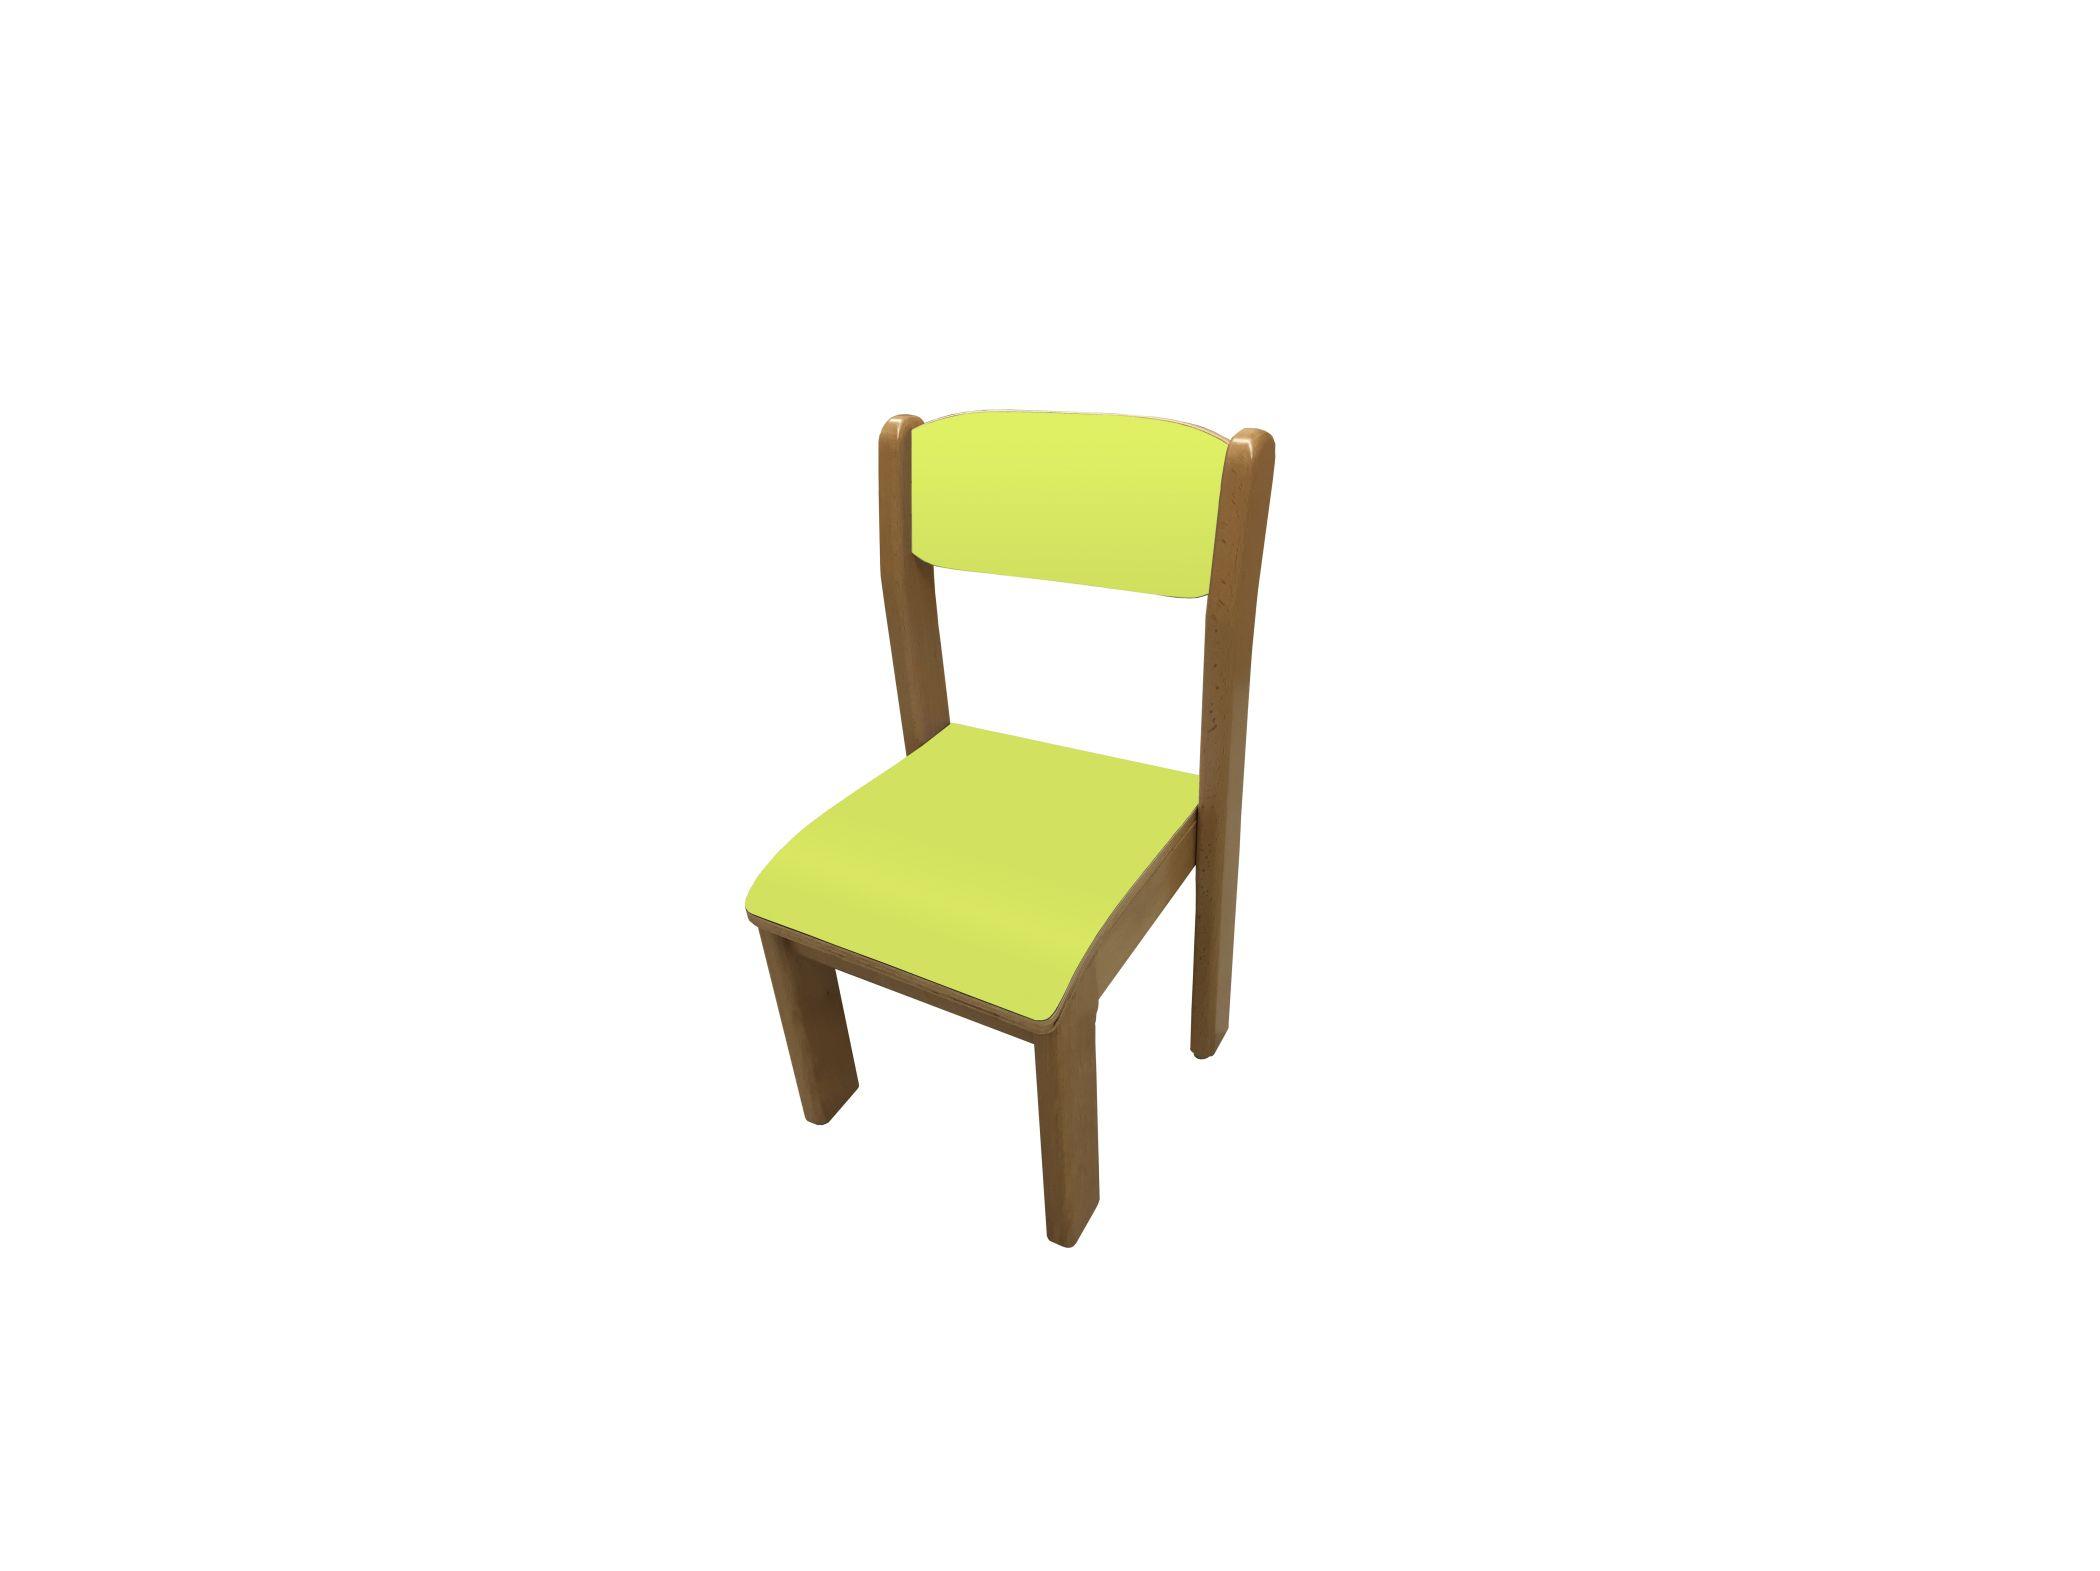 600560 silla mobeduc mobiliario escolar for Sillas mobiliario